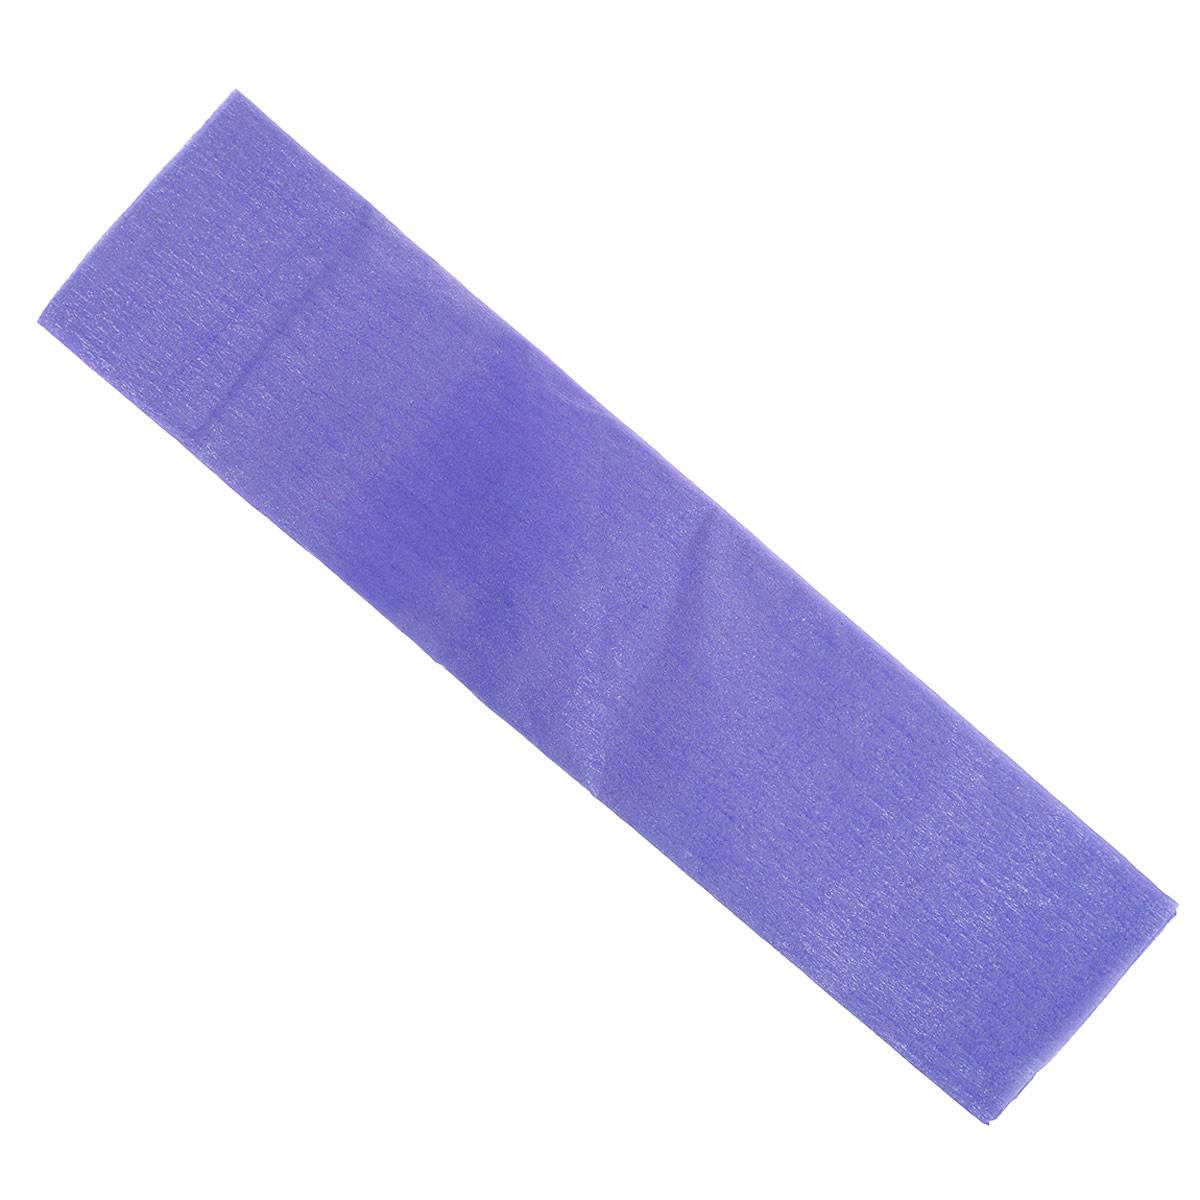 Крепированная бумага Hatber, перламутровая, цвет: сиреневый, 5 см х 25 смБк2пл_00019Цветная крепированная бумага Hatber - отличный вариант для развития творчества вашего ребенка. Бумага с фактурным покрытием очень гибкая и мягкая, из нее можно создавать чудесные аппликации, игрушки, подарки и объемные поделки. Цветная крепированная бумага Hatber способствует развитию фантазии, цветовосприятия и мелкой моторики рук. Размер бумаги - 5 см х 25 см.